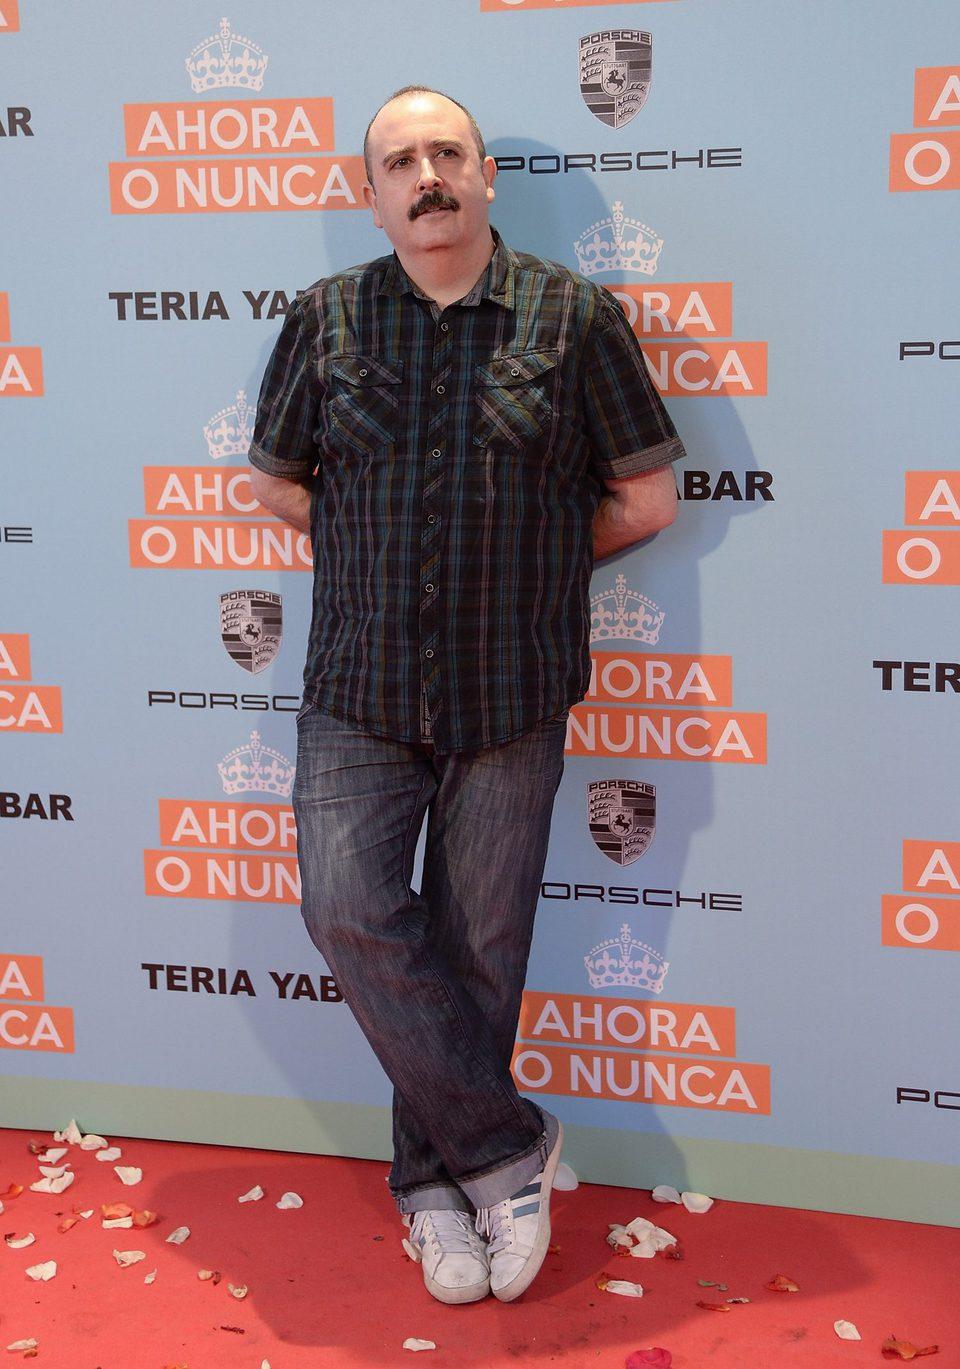 Carlos Areces en la premiere de 'Ahora o nunca'